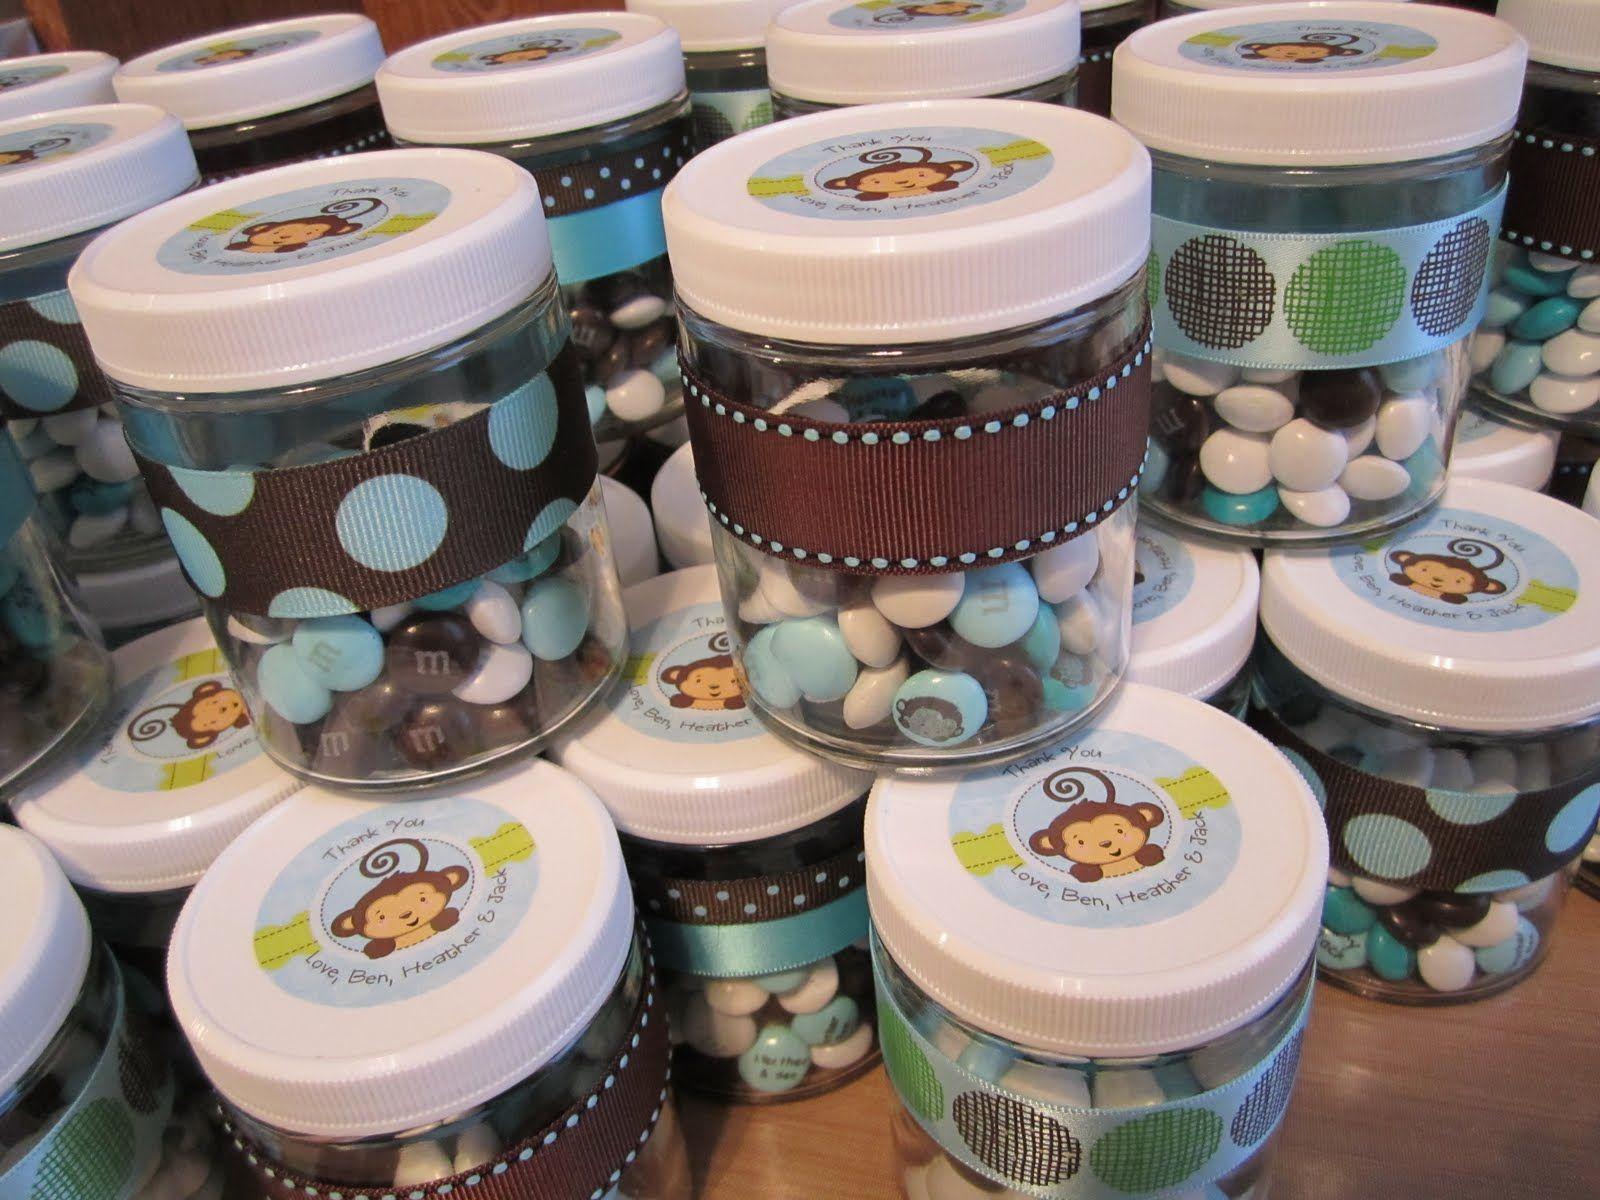 Diy Babyzimmer ~ Diy baby shower centerpieces the scraplover diy baby shower